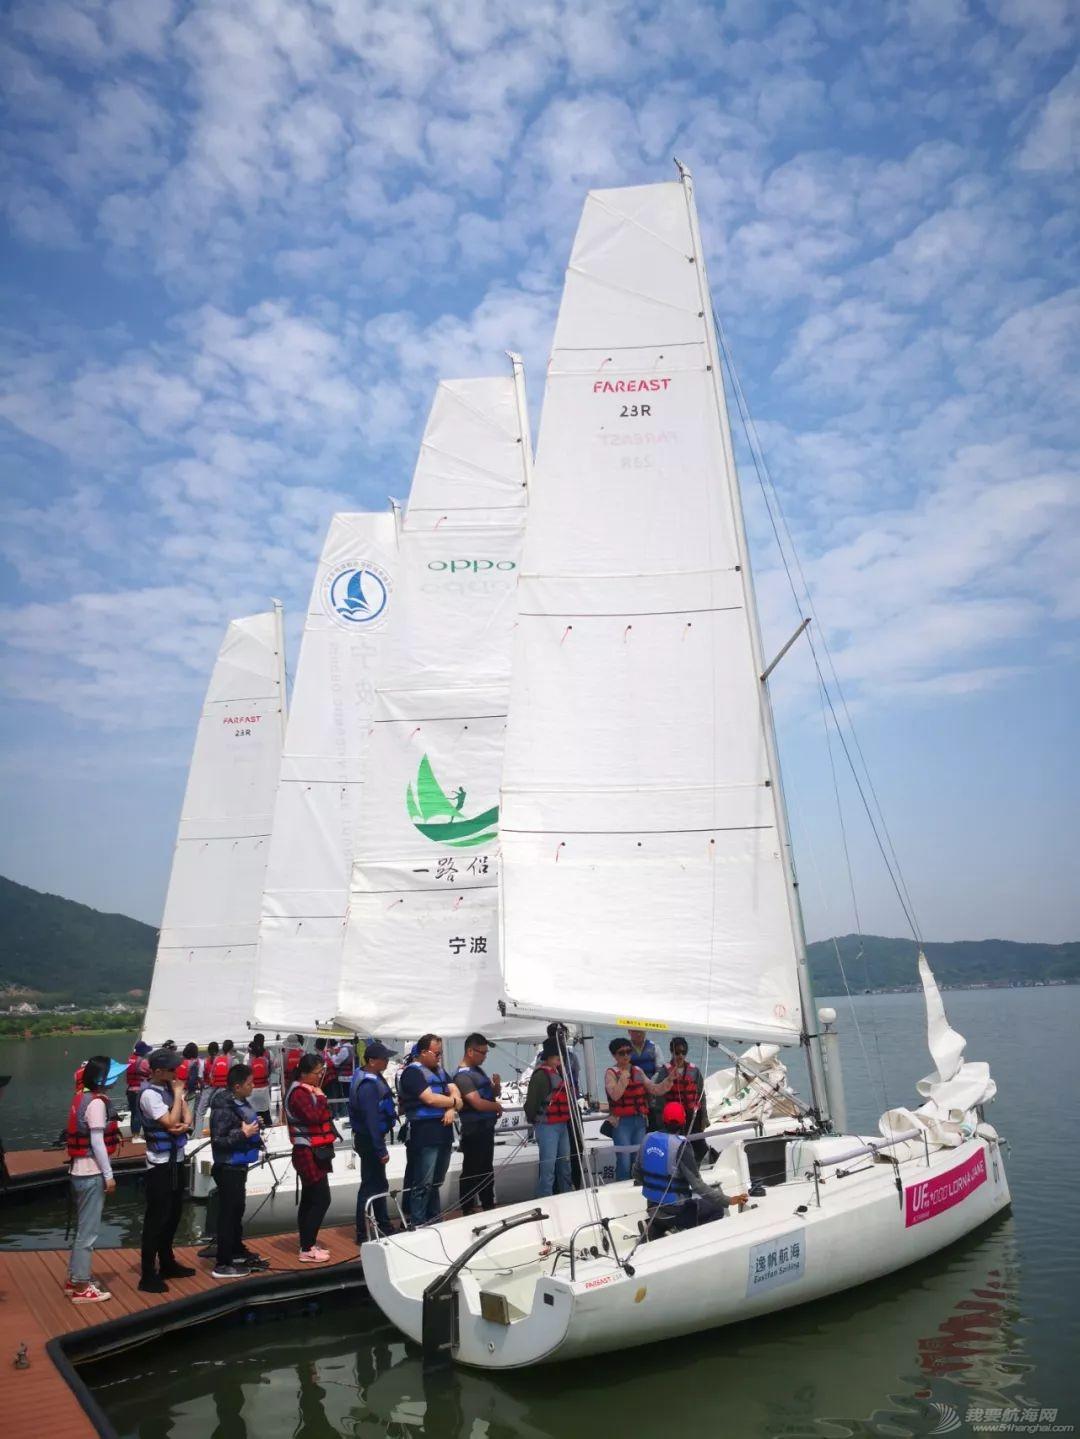 帆船*团队:每艘前进的航船都闪烁着团队的力量|帆船贺新春⑥w15.jpg